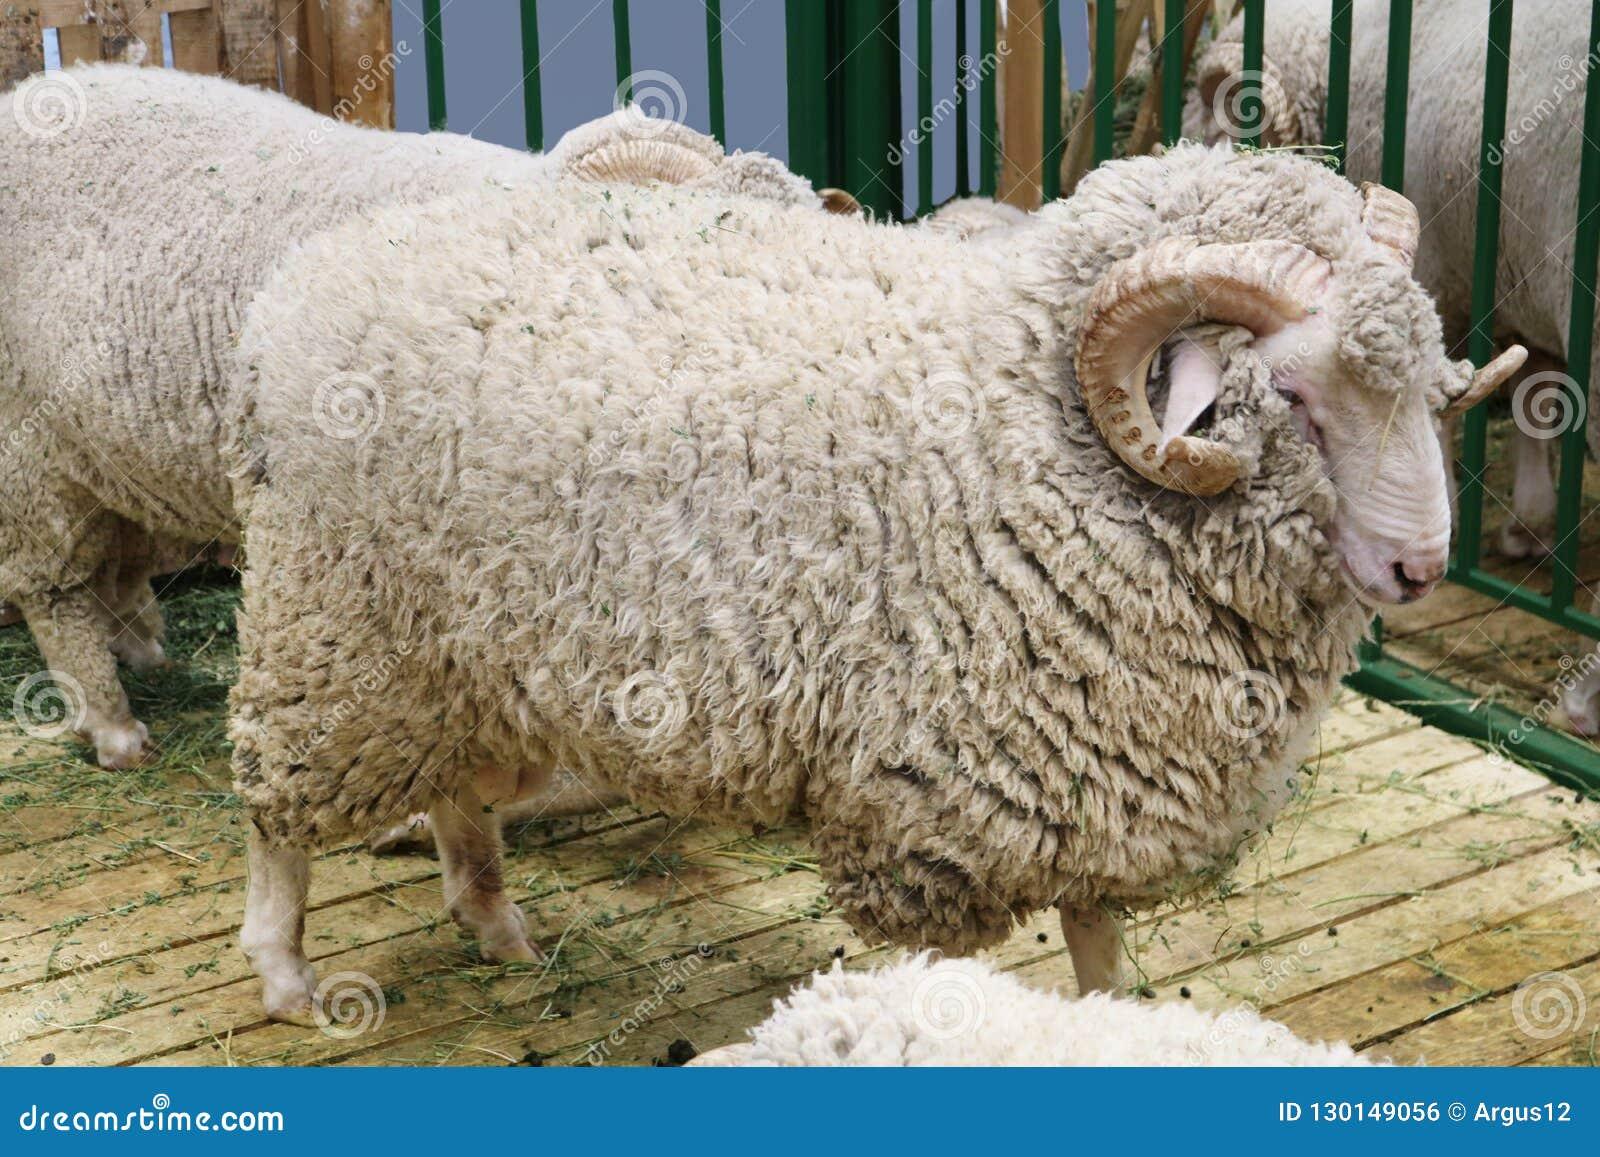 Black sheep domestic merino sheep